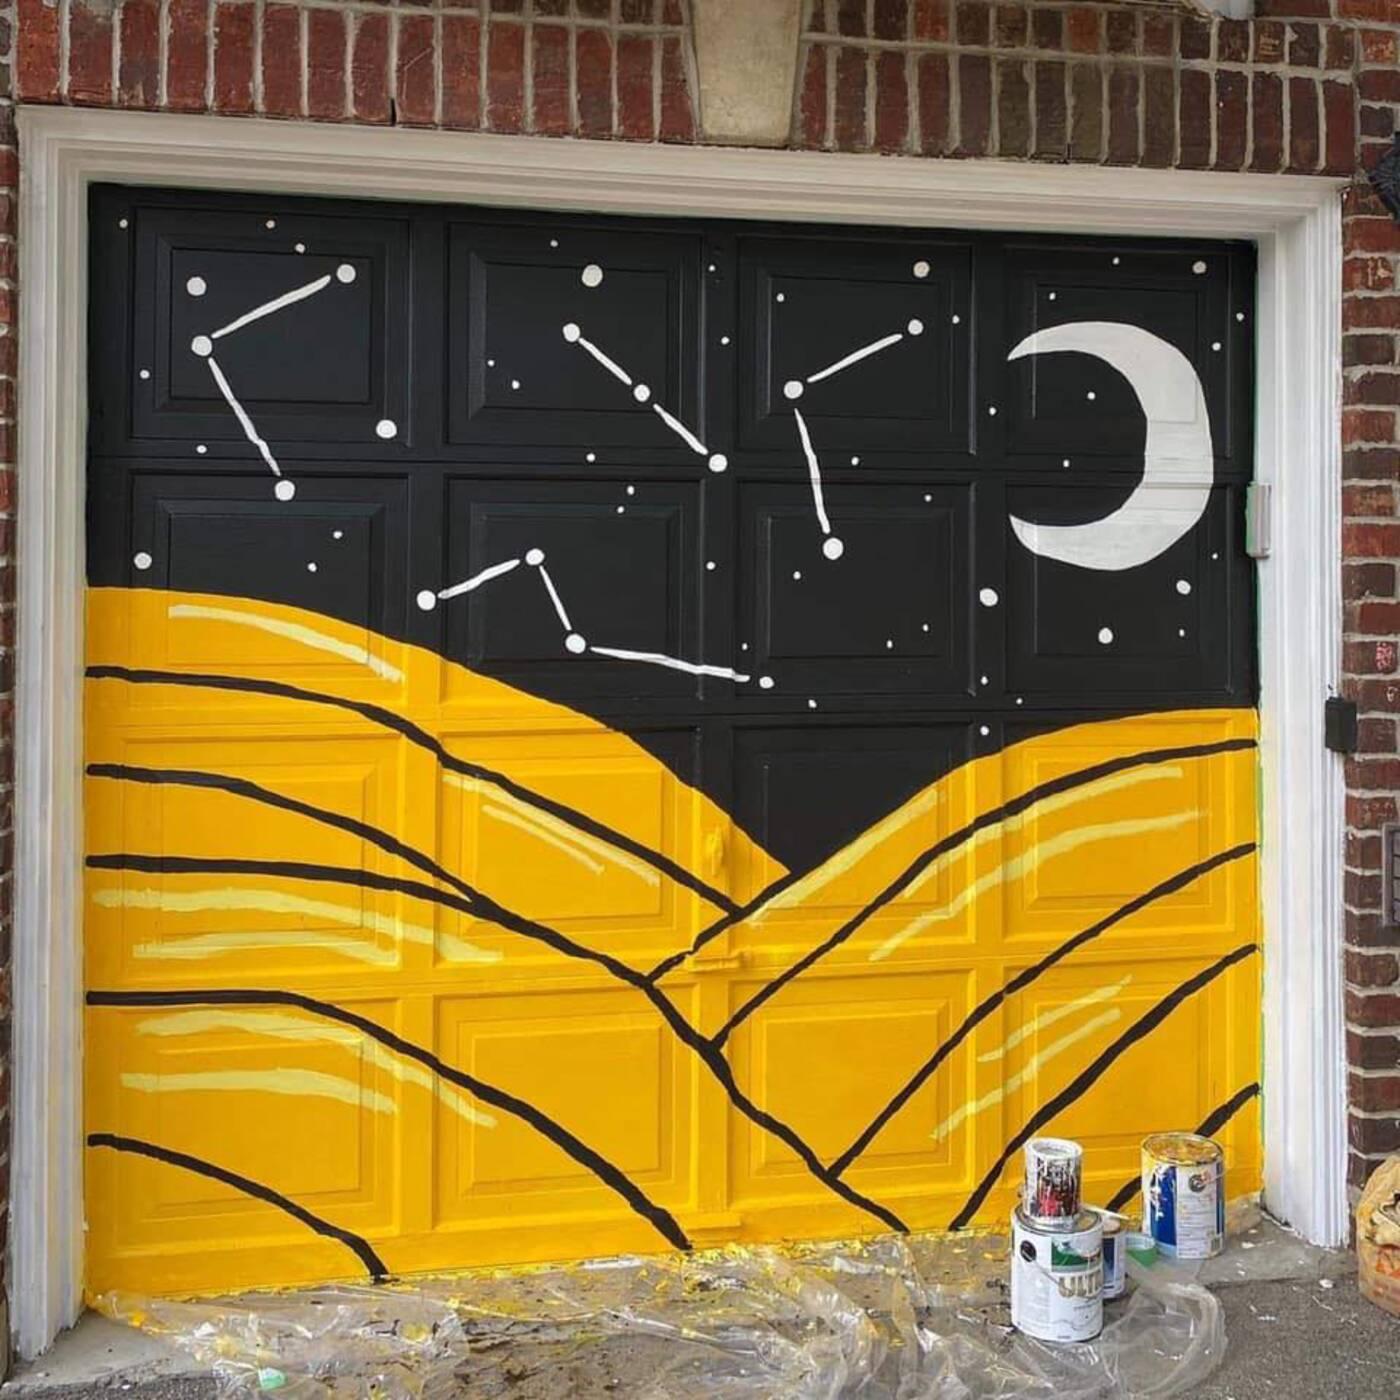 etobicoke garage mural